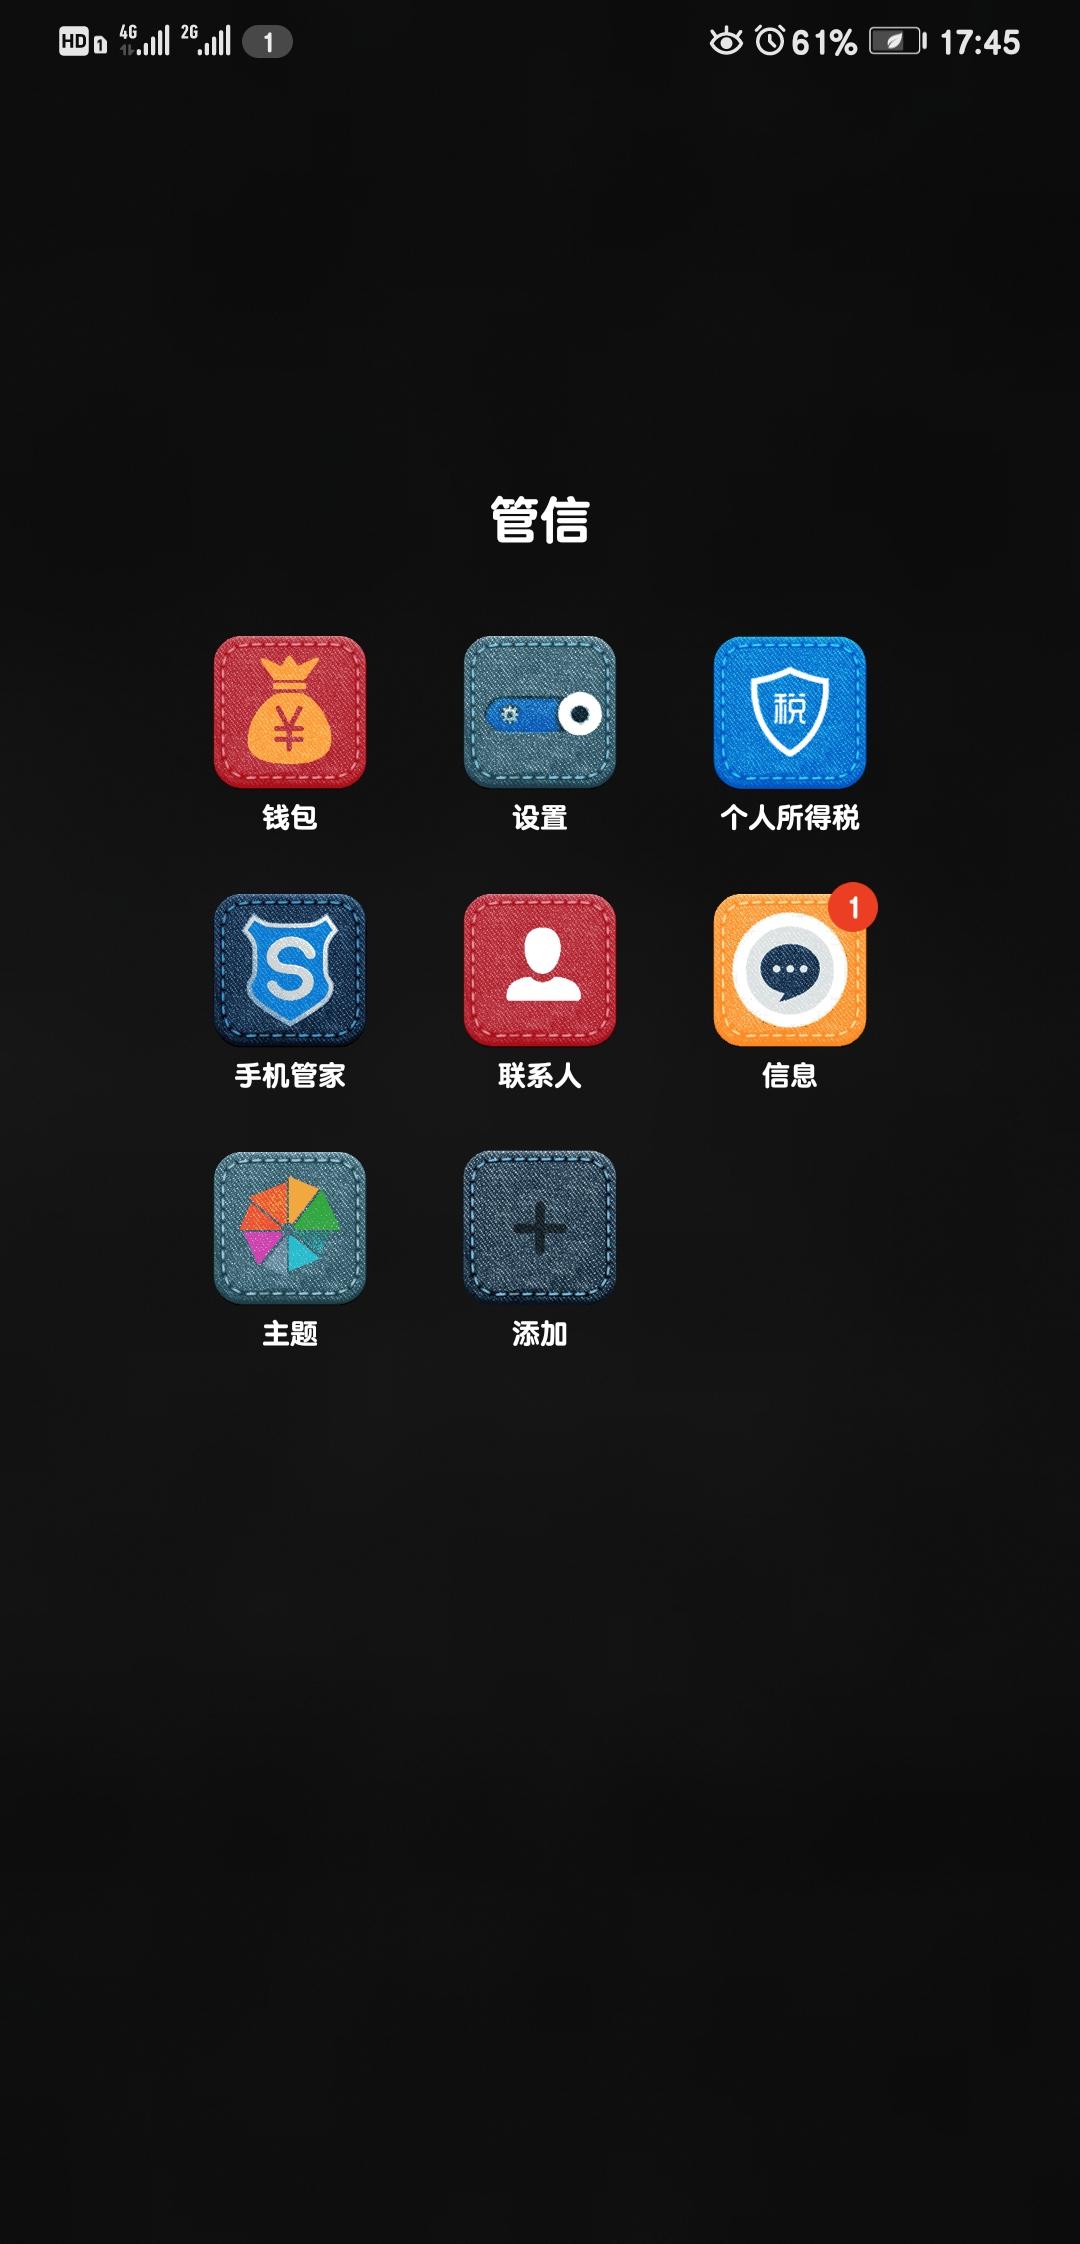 Screenshot_20191107_174554_com.huawei.android.launcher.jpg